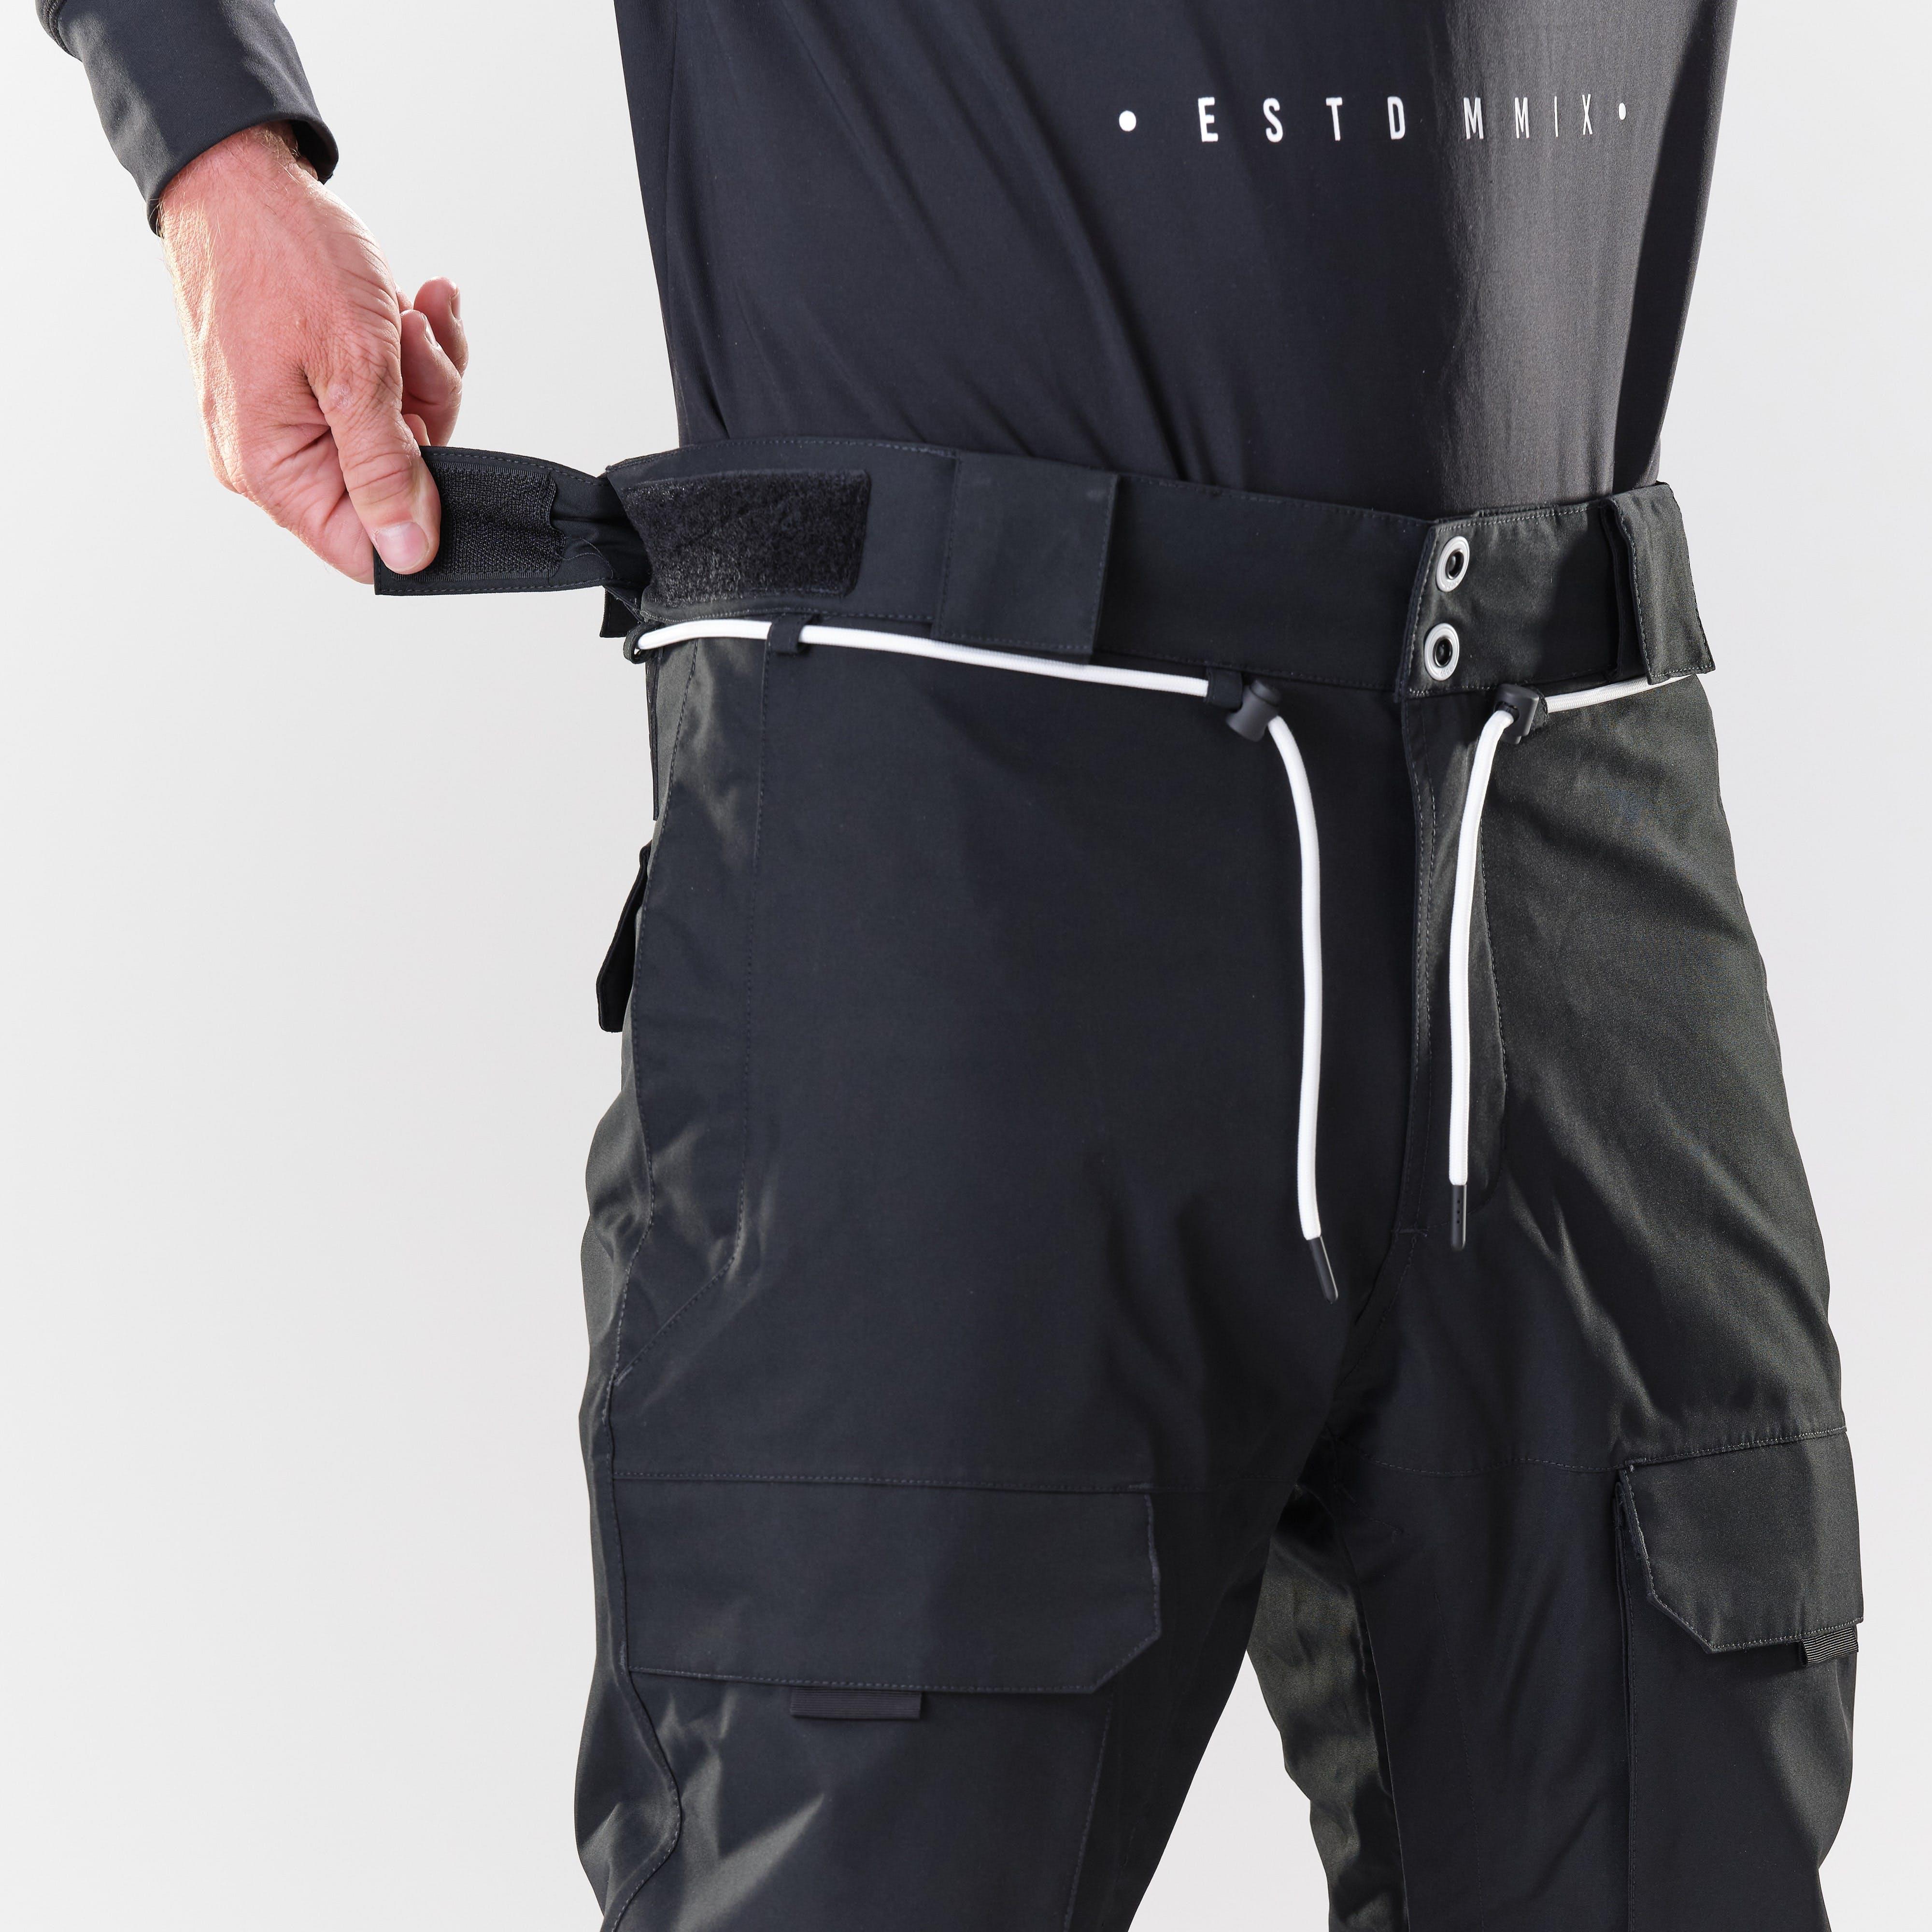 snow pants adjustable waist